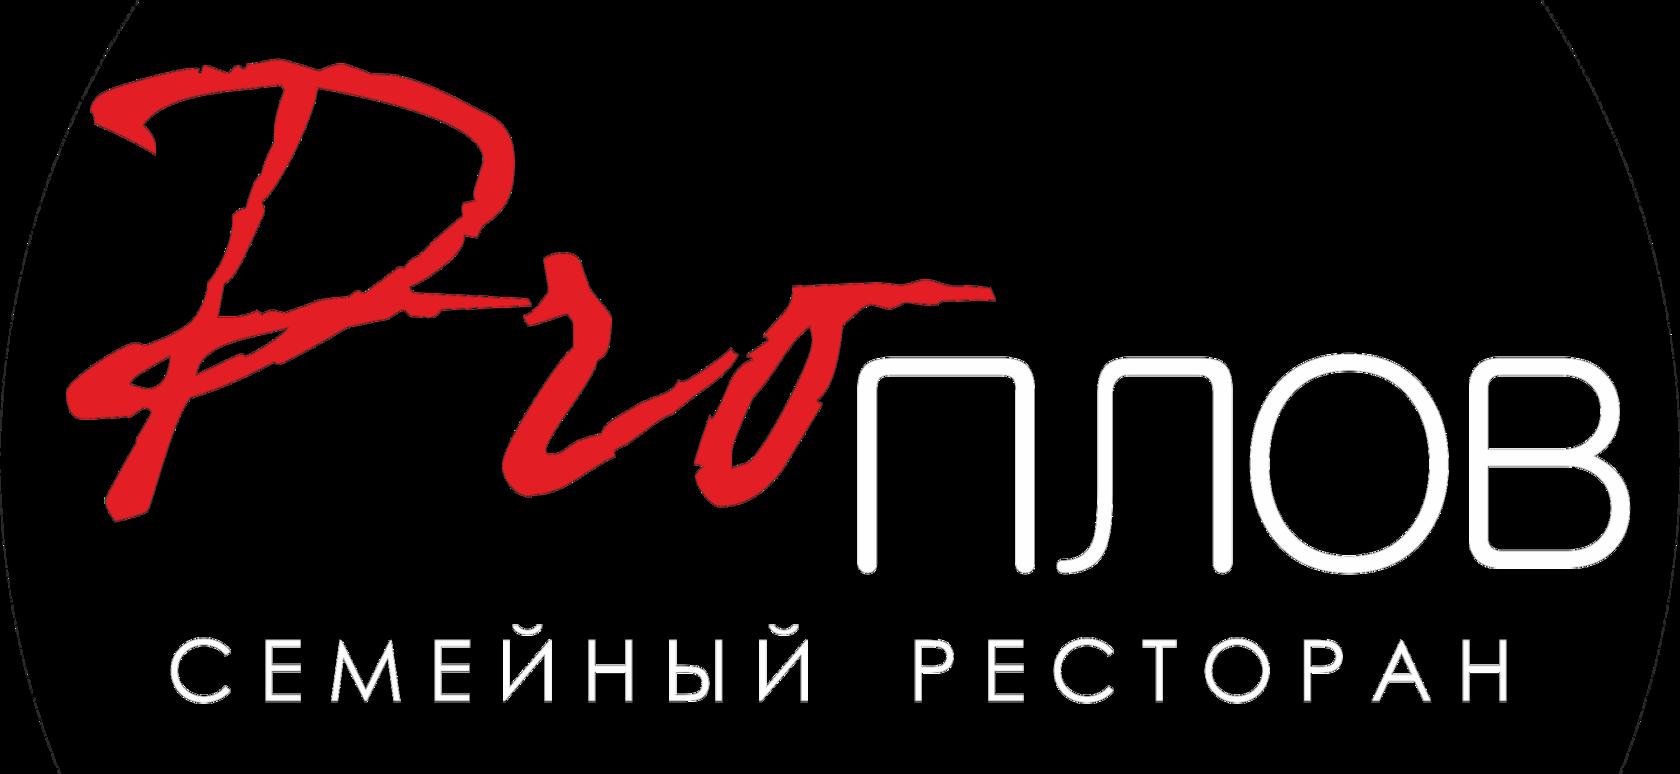 Семейный ресторан в г. Тамбов